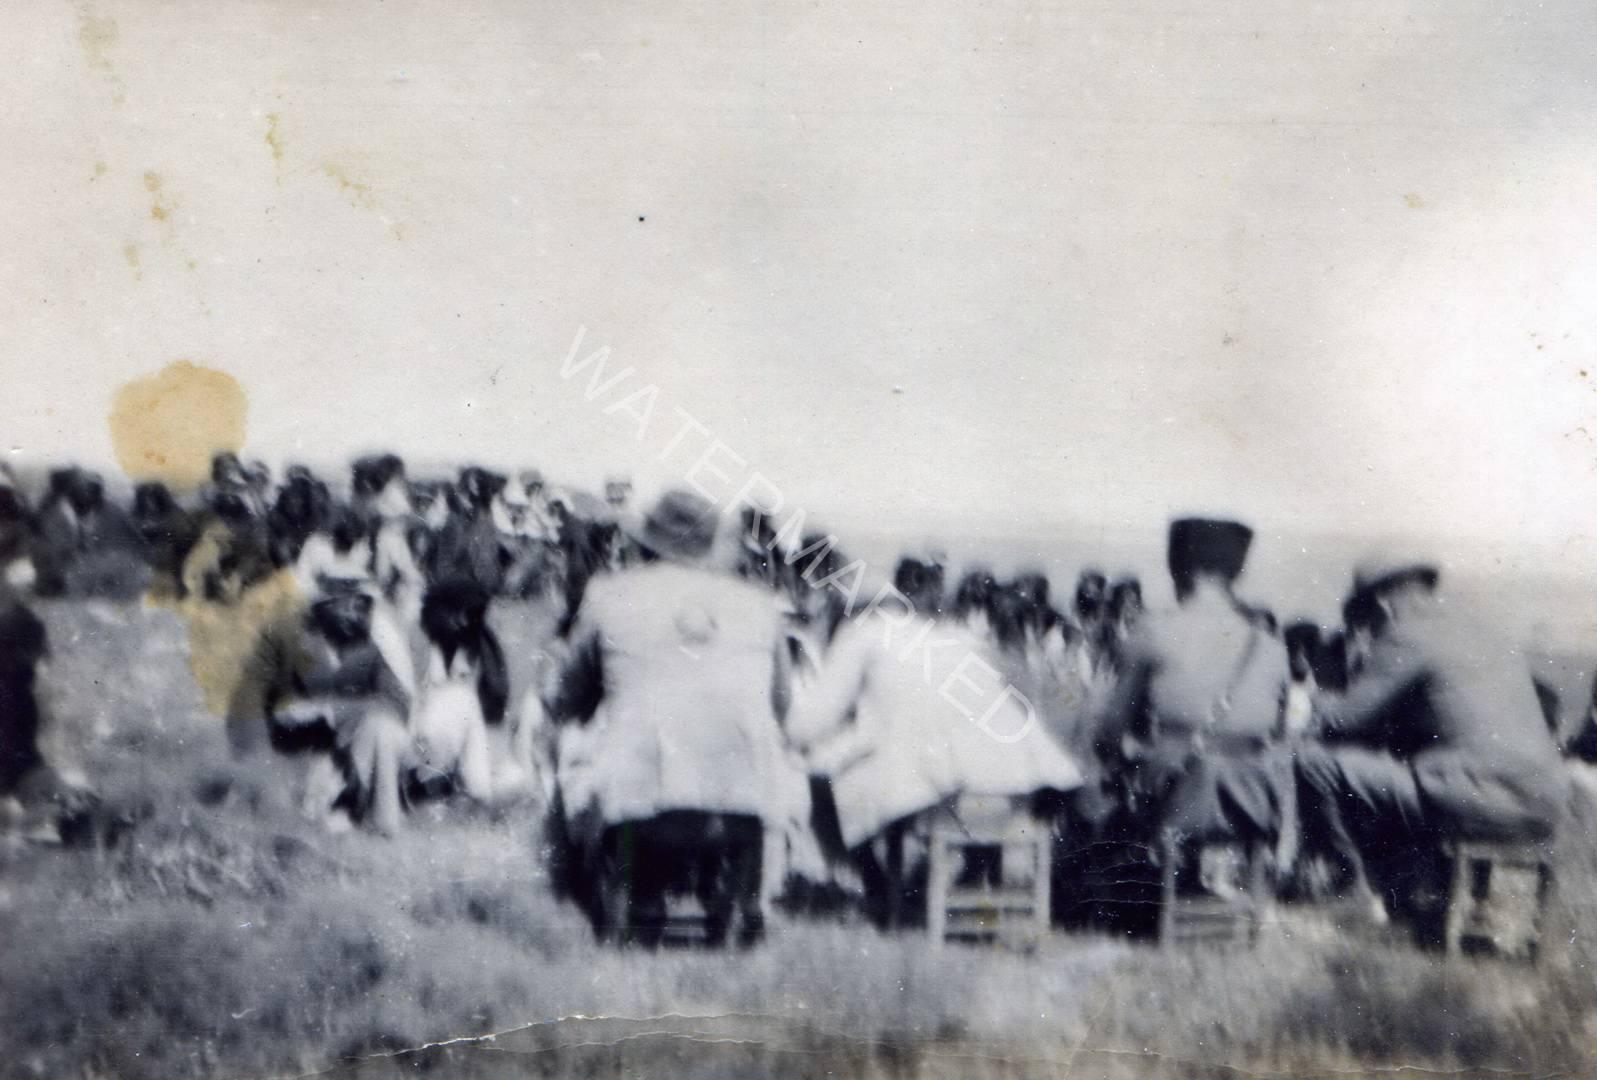 כפר ויתקין משא ומתן עם הערבים